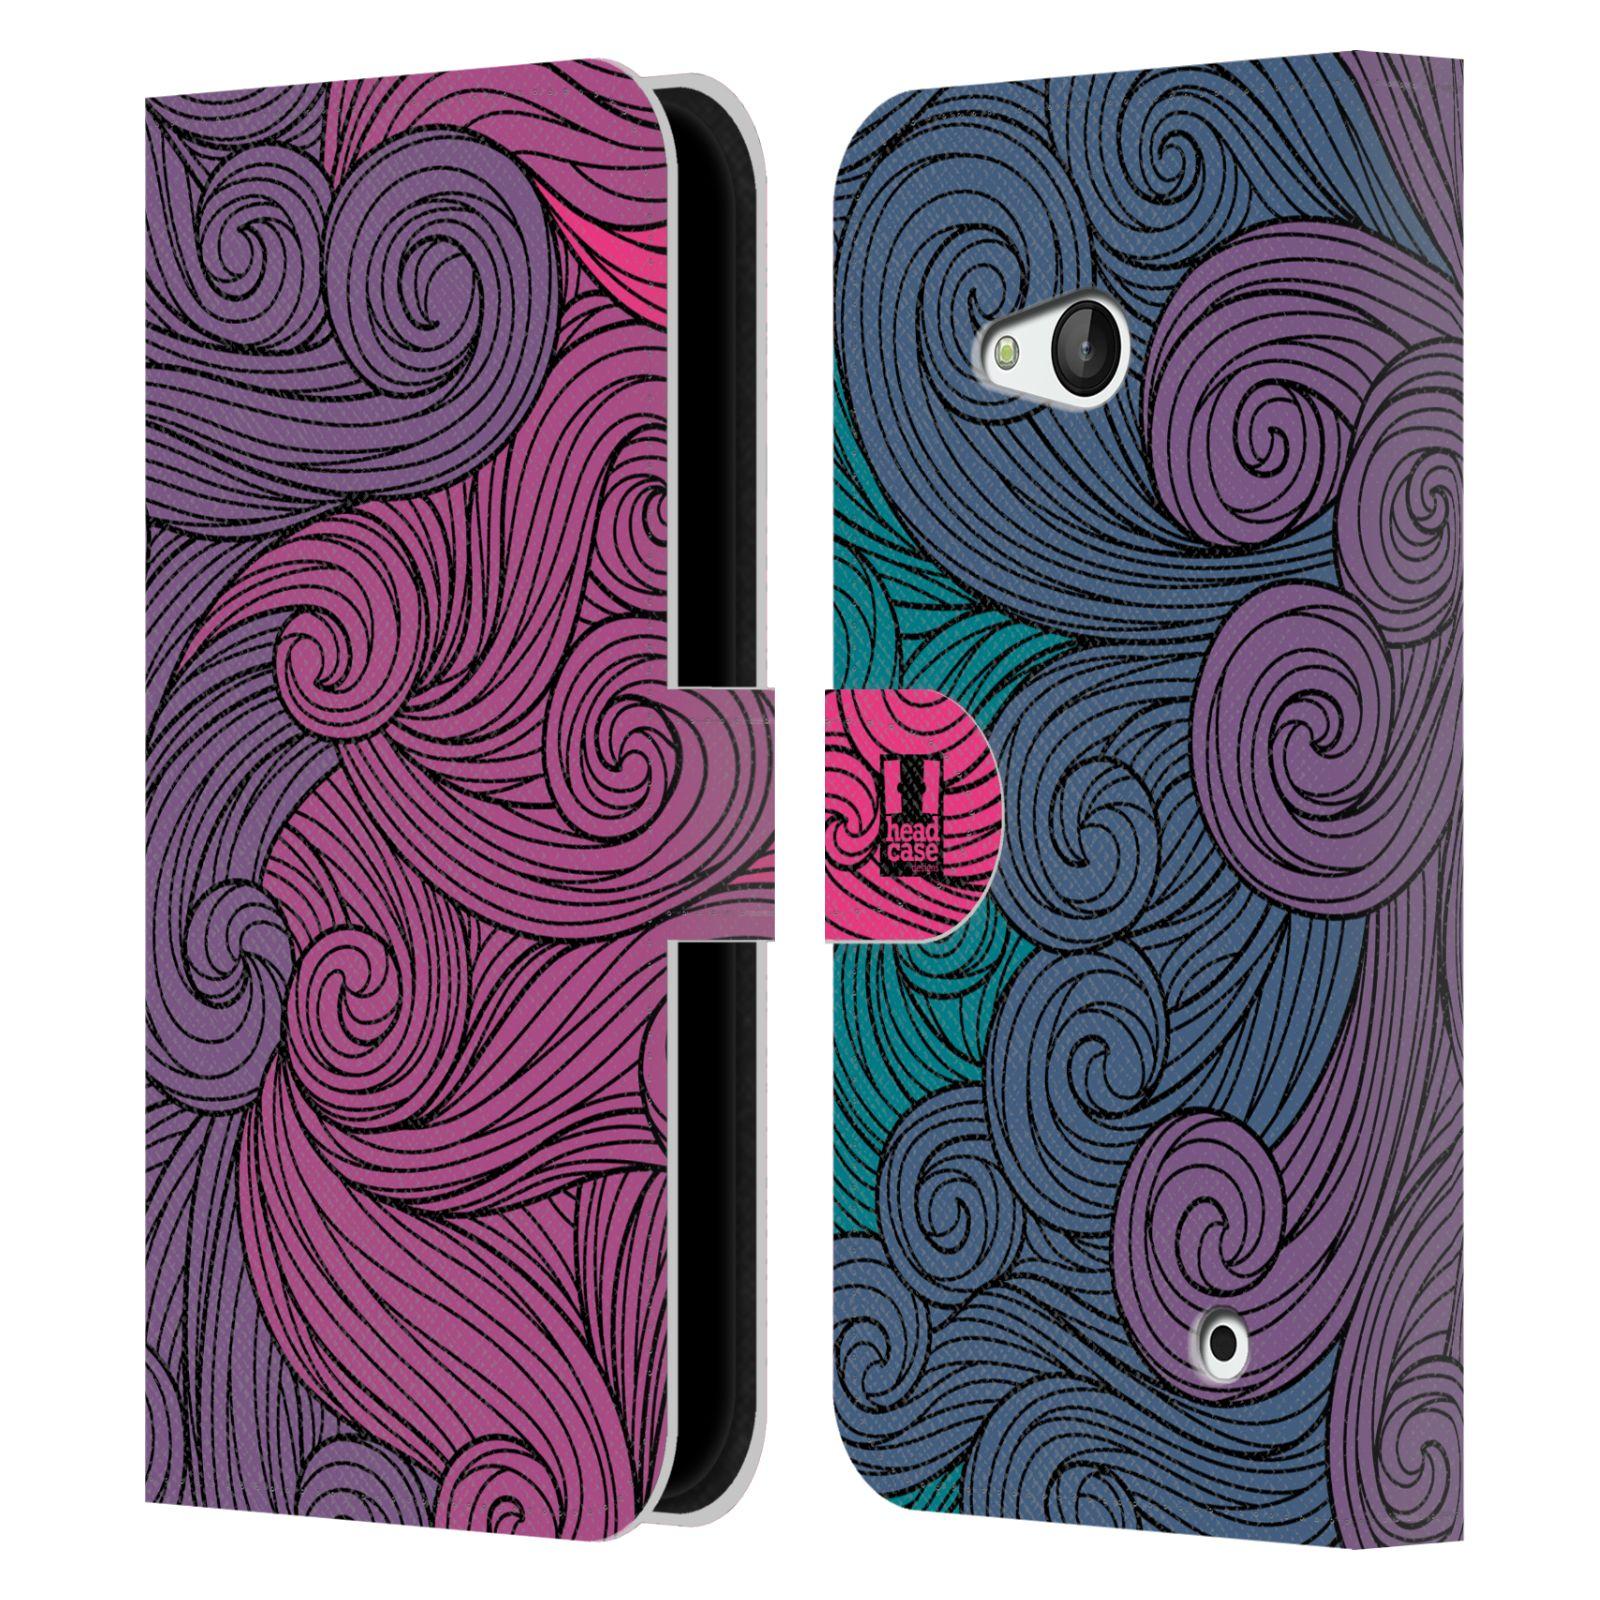 HEAD CASE Flipové pouzdro pro mobil NOKIA / MICROSOFT LUMIA 640 / LUMIA 640 DUAL barevné vlny růžová a modrá